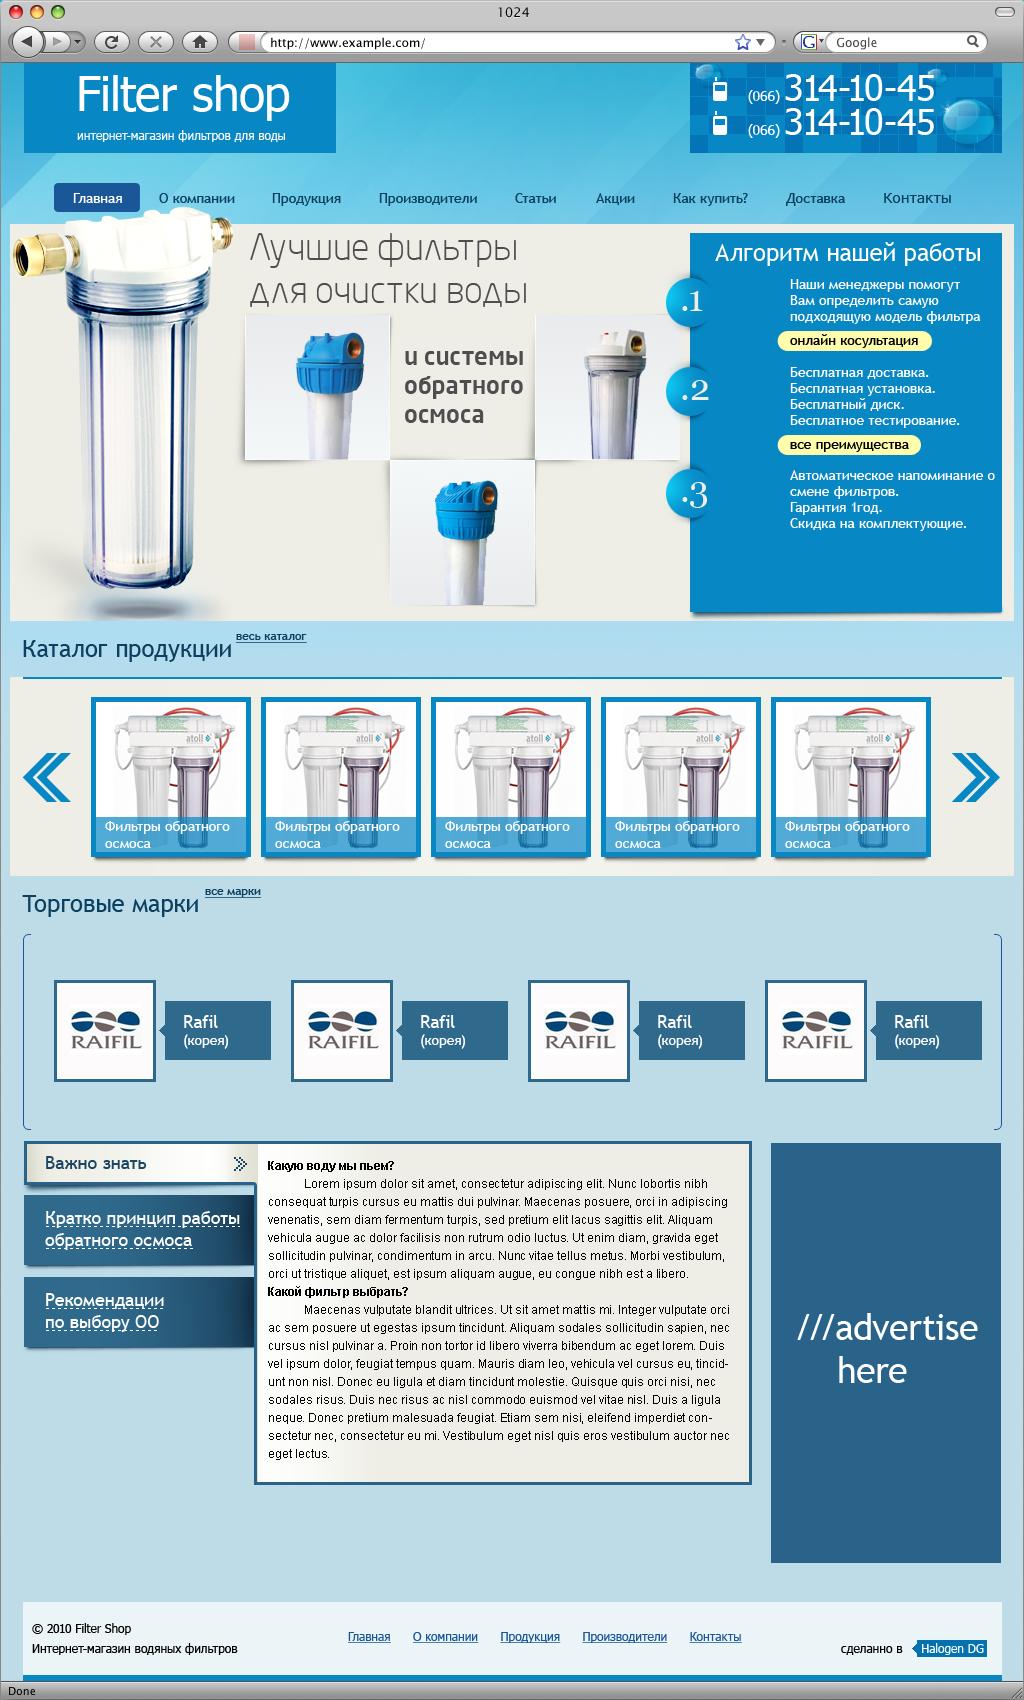 Онлайн магазин фильтров для воды